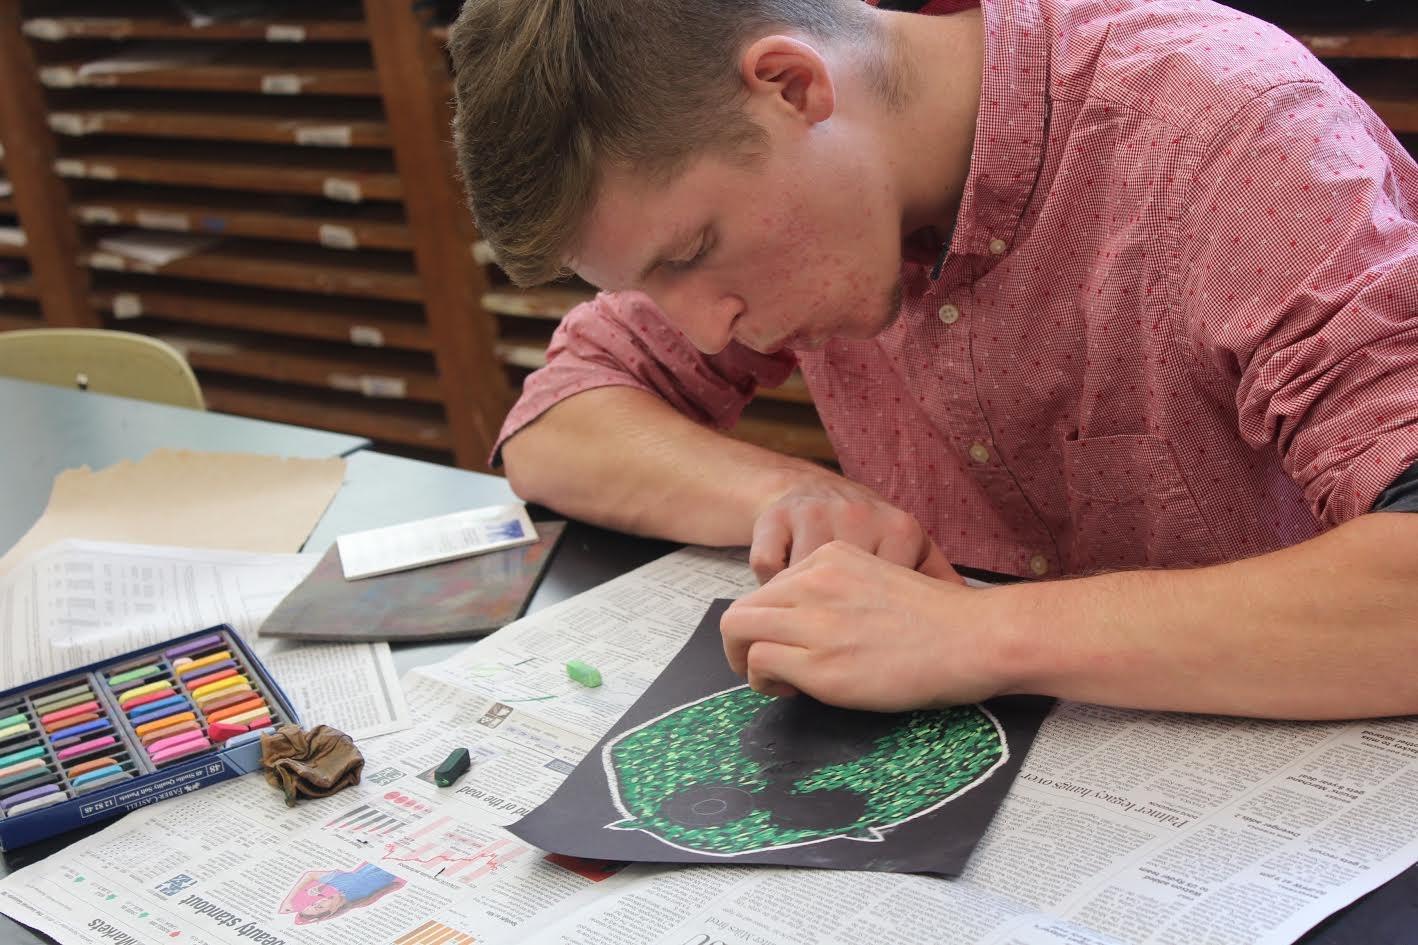 Kaleb Kelsheimer using chalk pastels